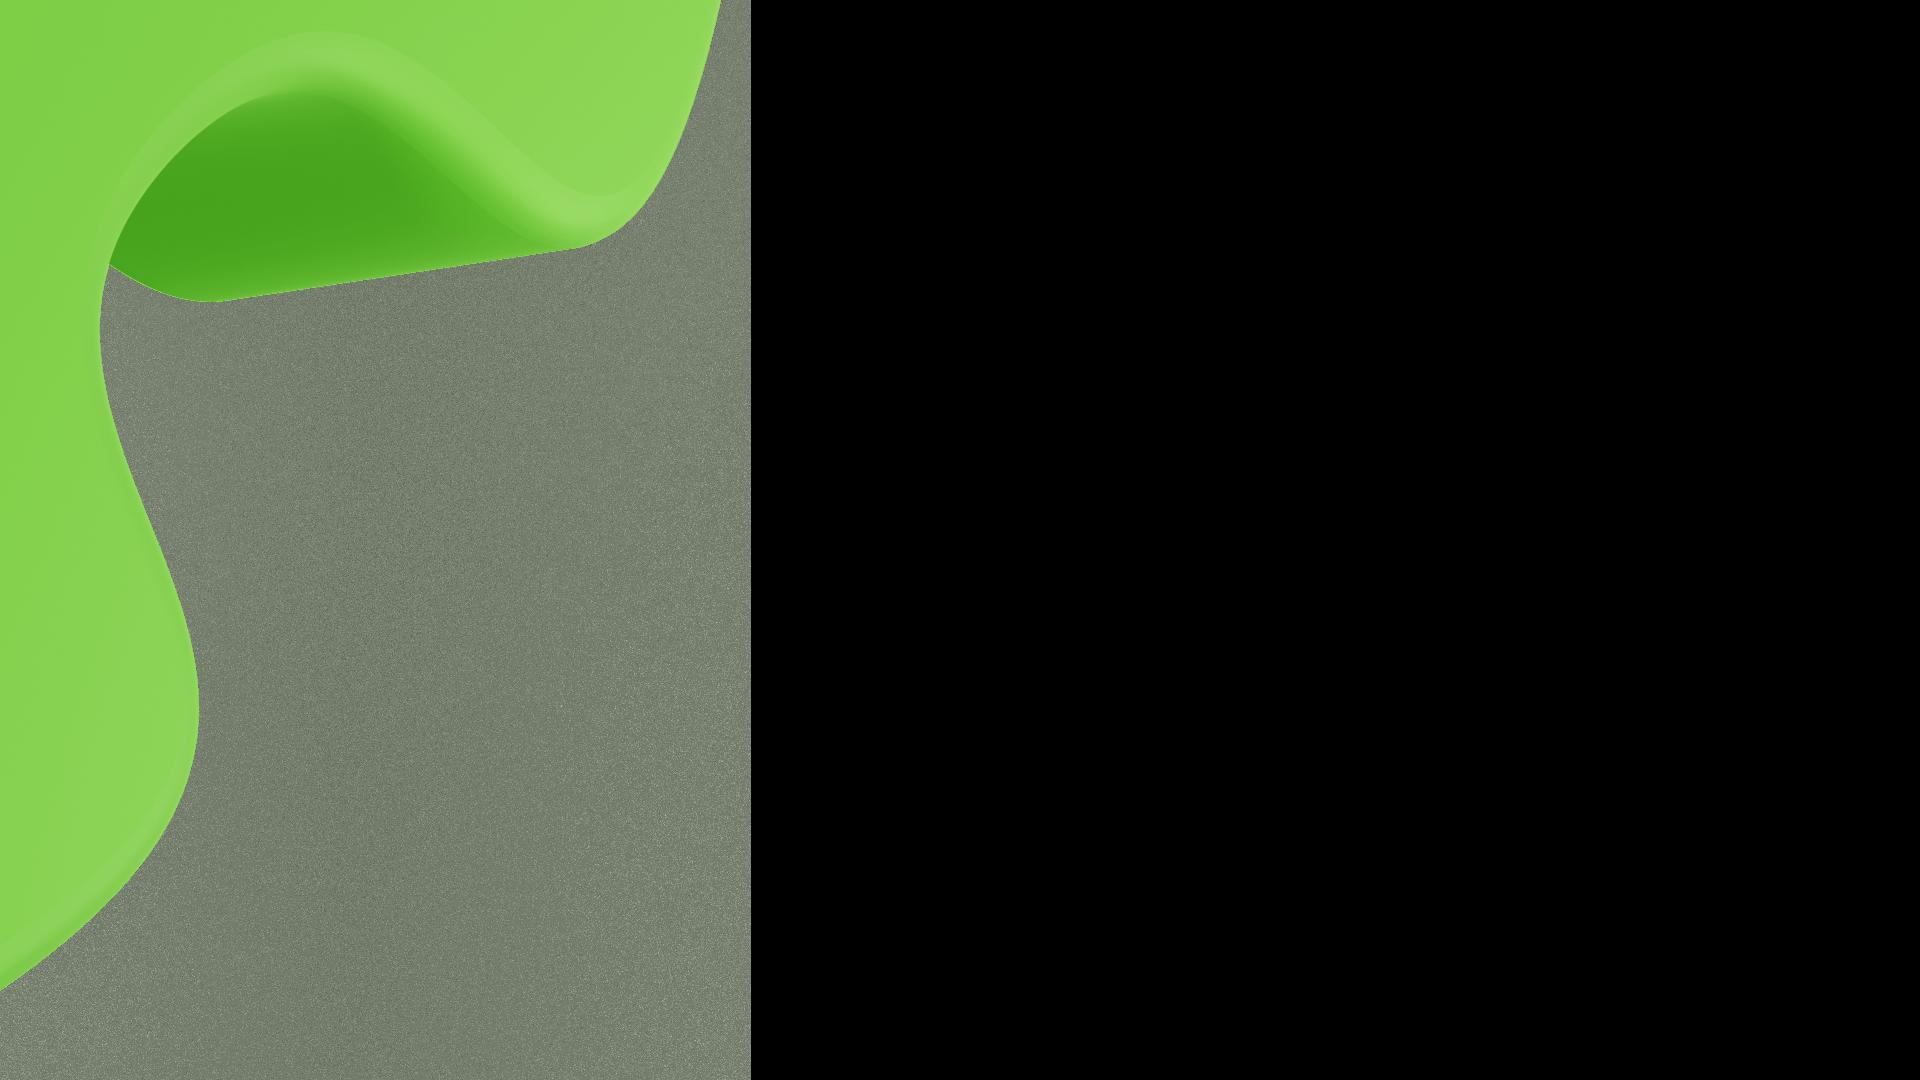 AireLogic Green 3D Green cog